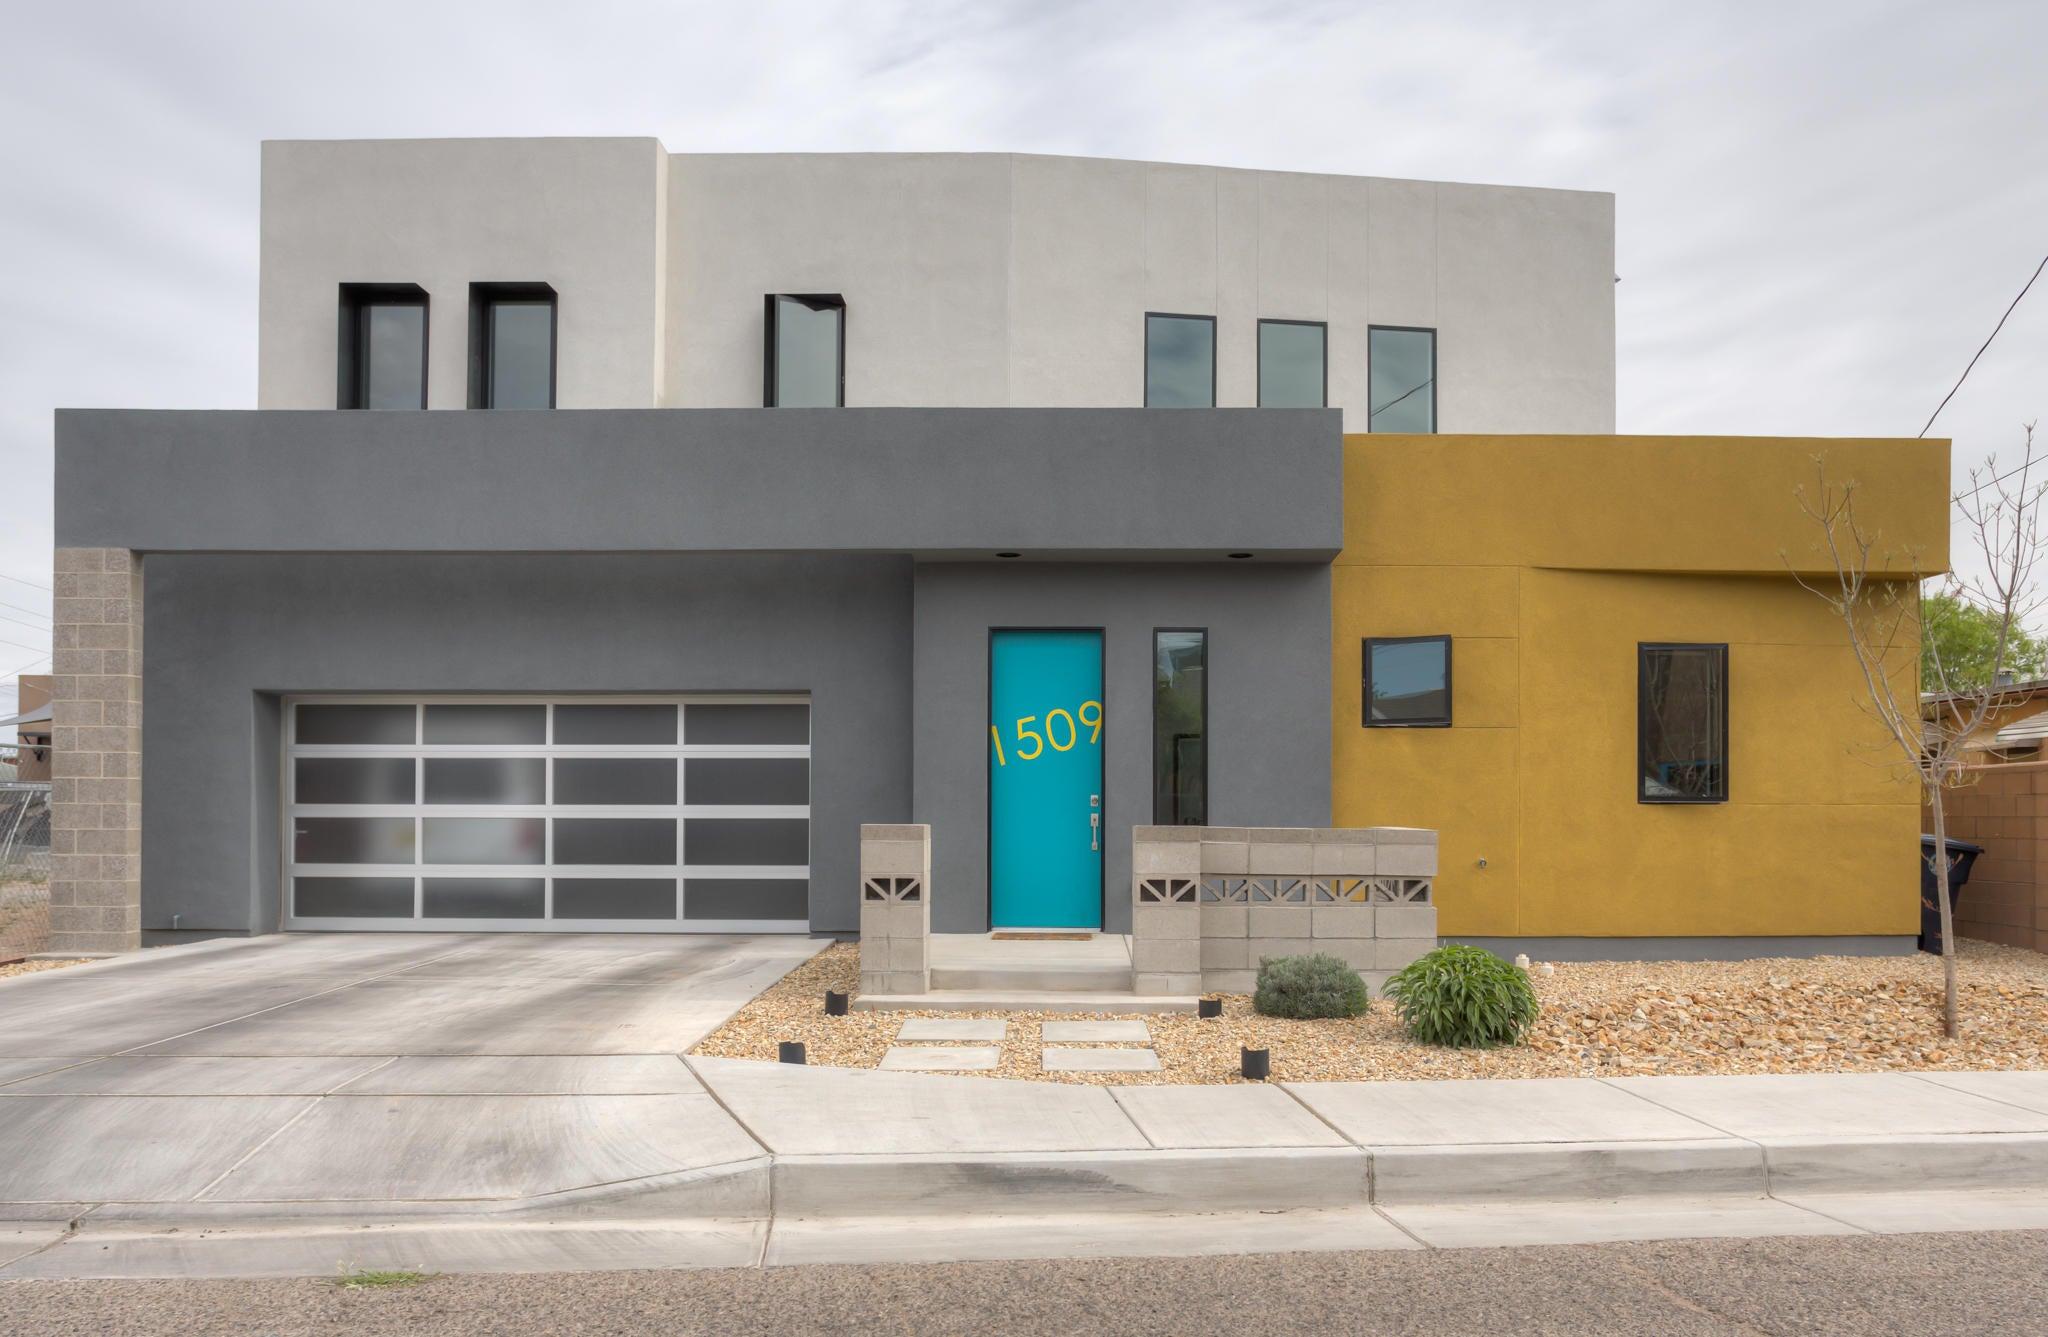 1515 ROSEMONT Avenue NW, Albuquerque, NM 87104